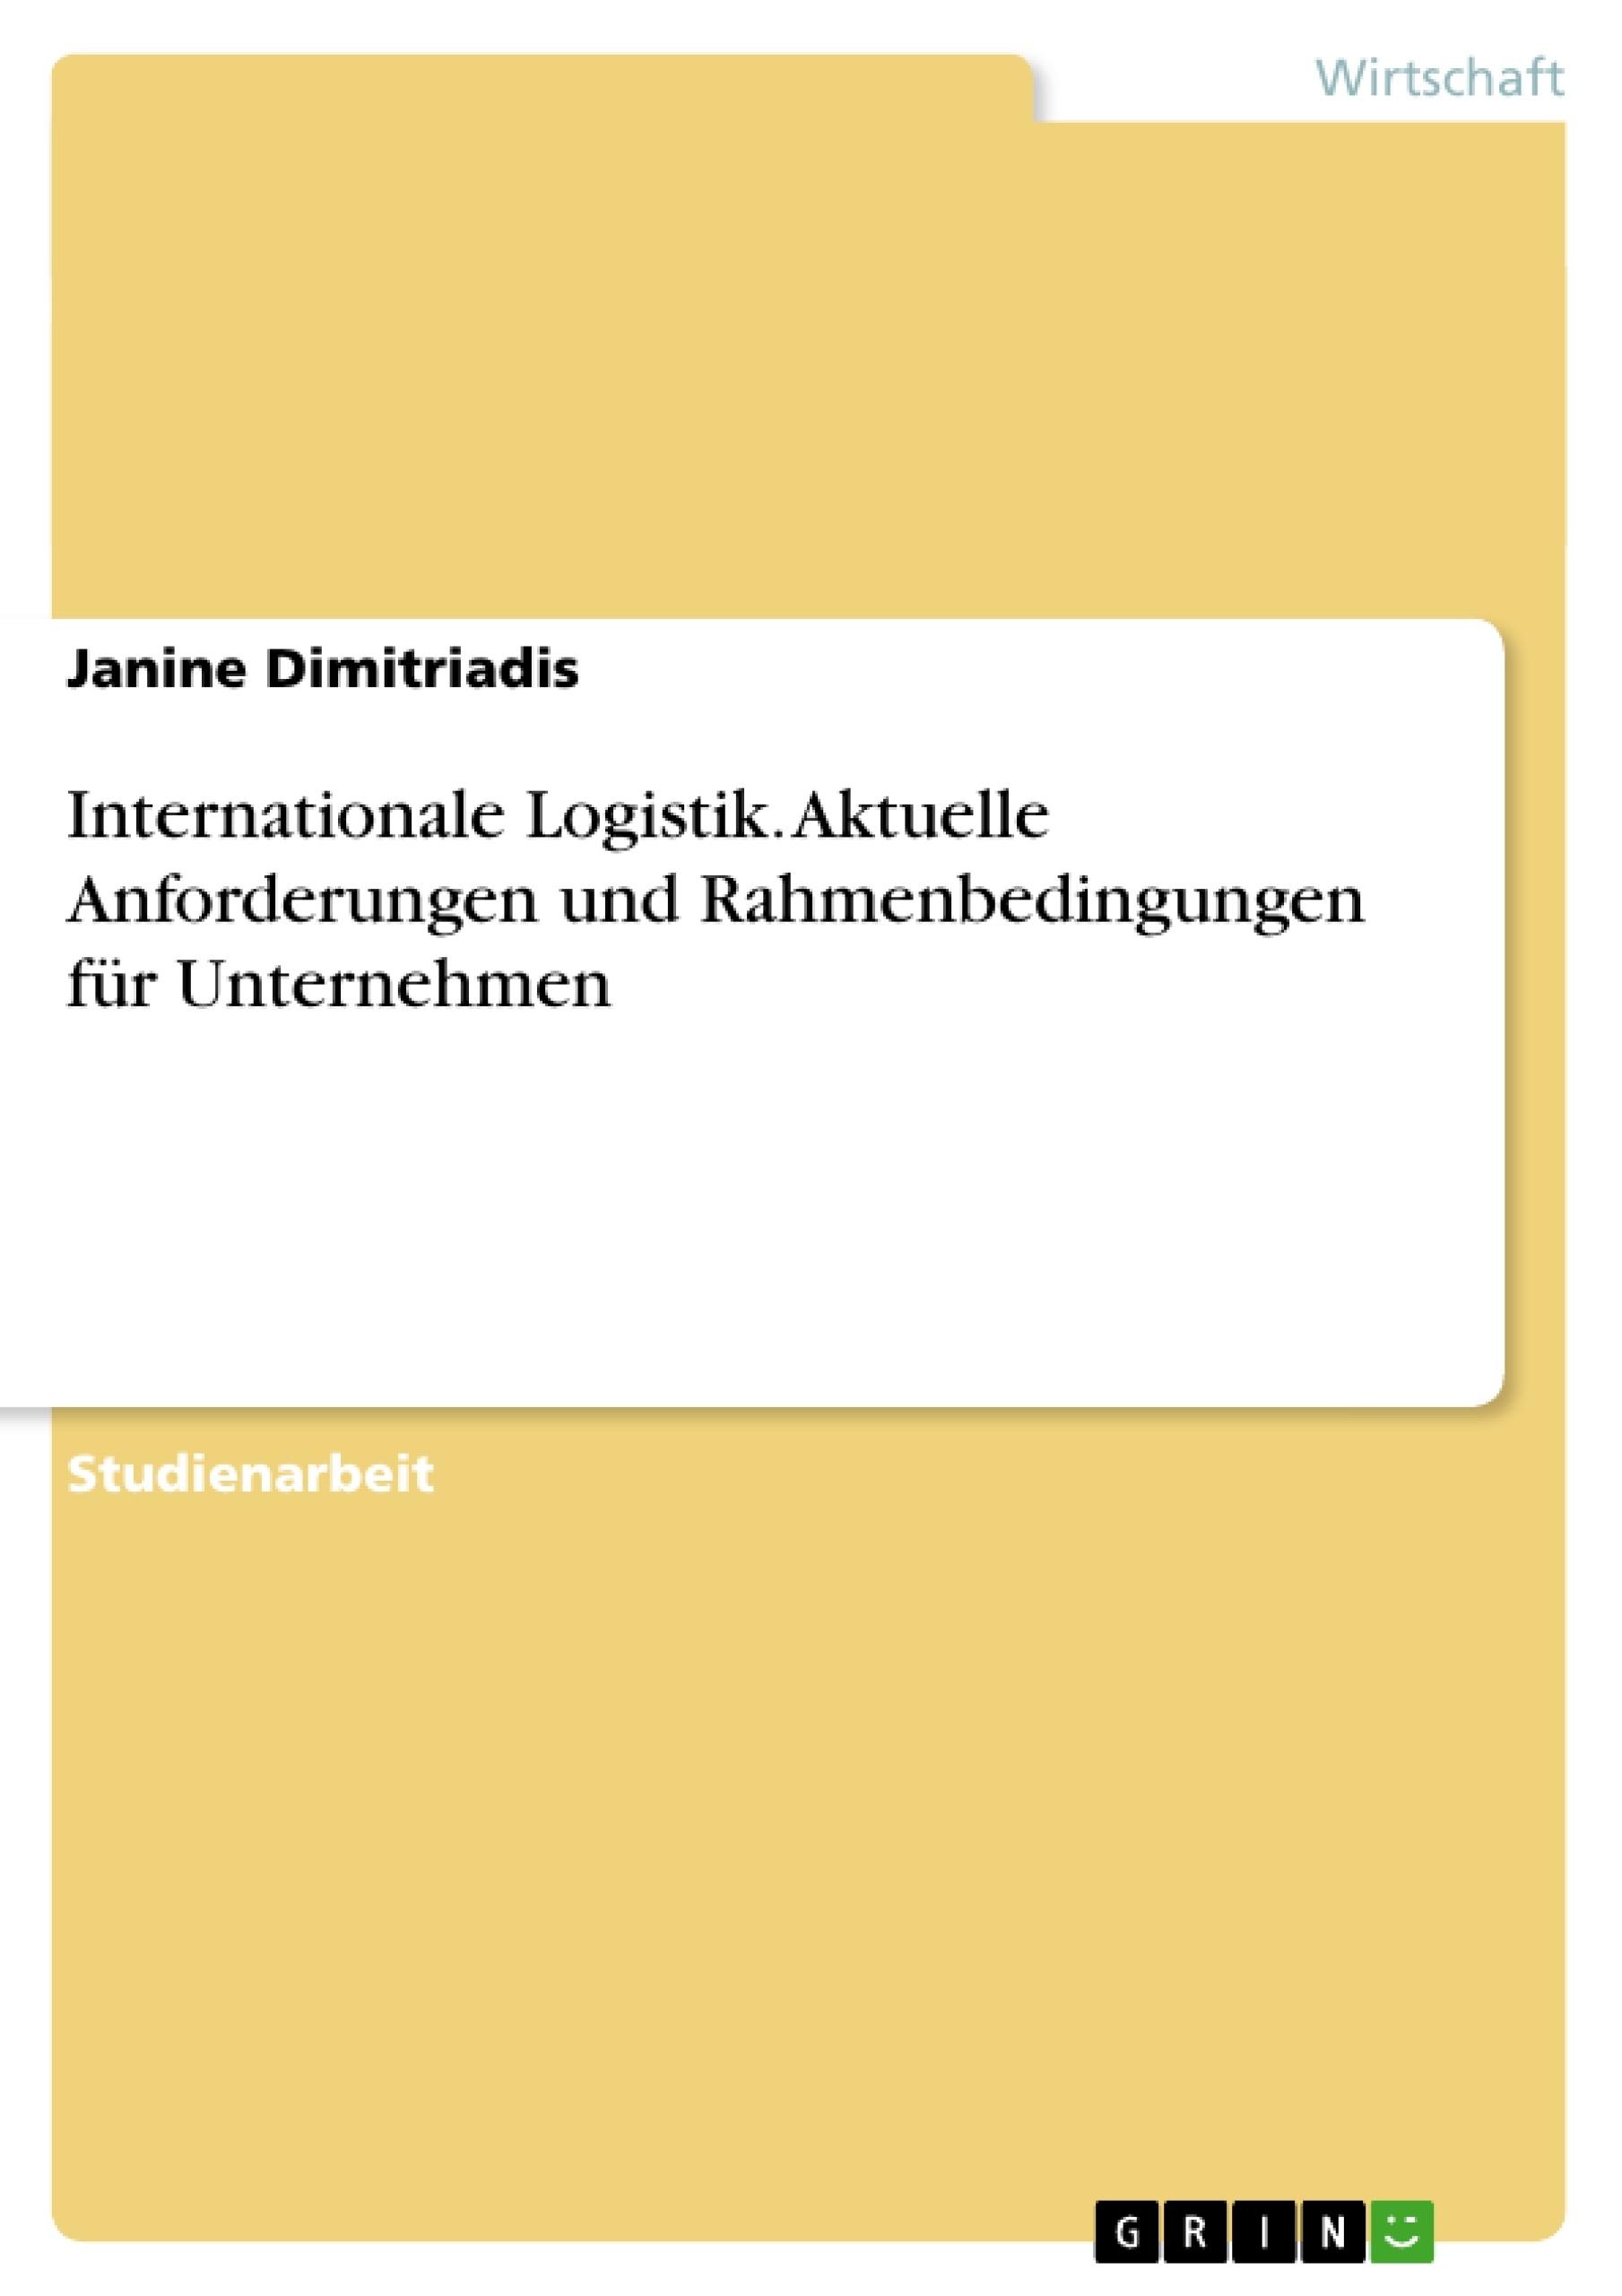 Titel: Internationale Logistik. Aktuelle Anforderungen und Rahmenbedingungen für Unternehmen